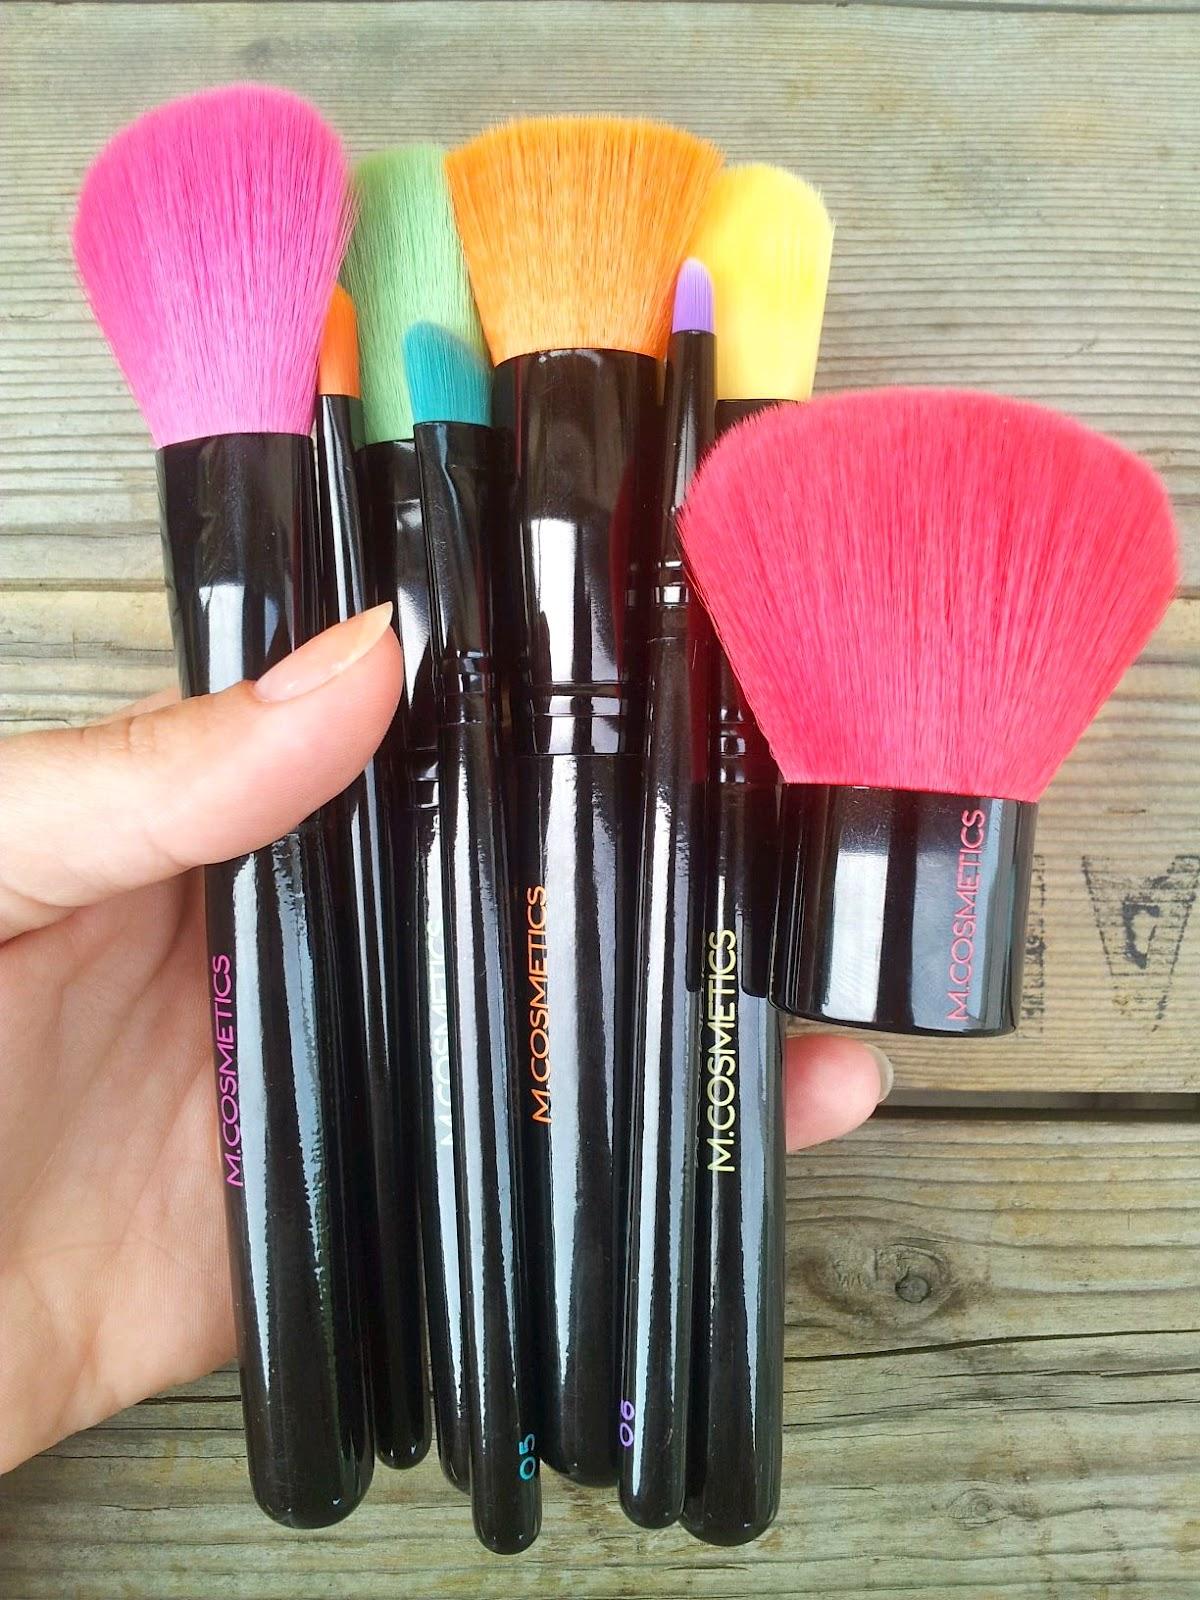 m cosmetics børste sæt